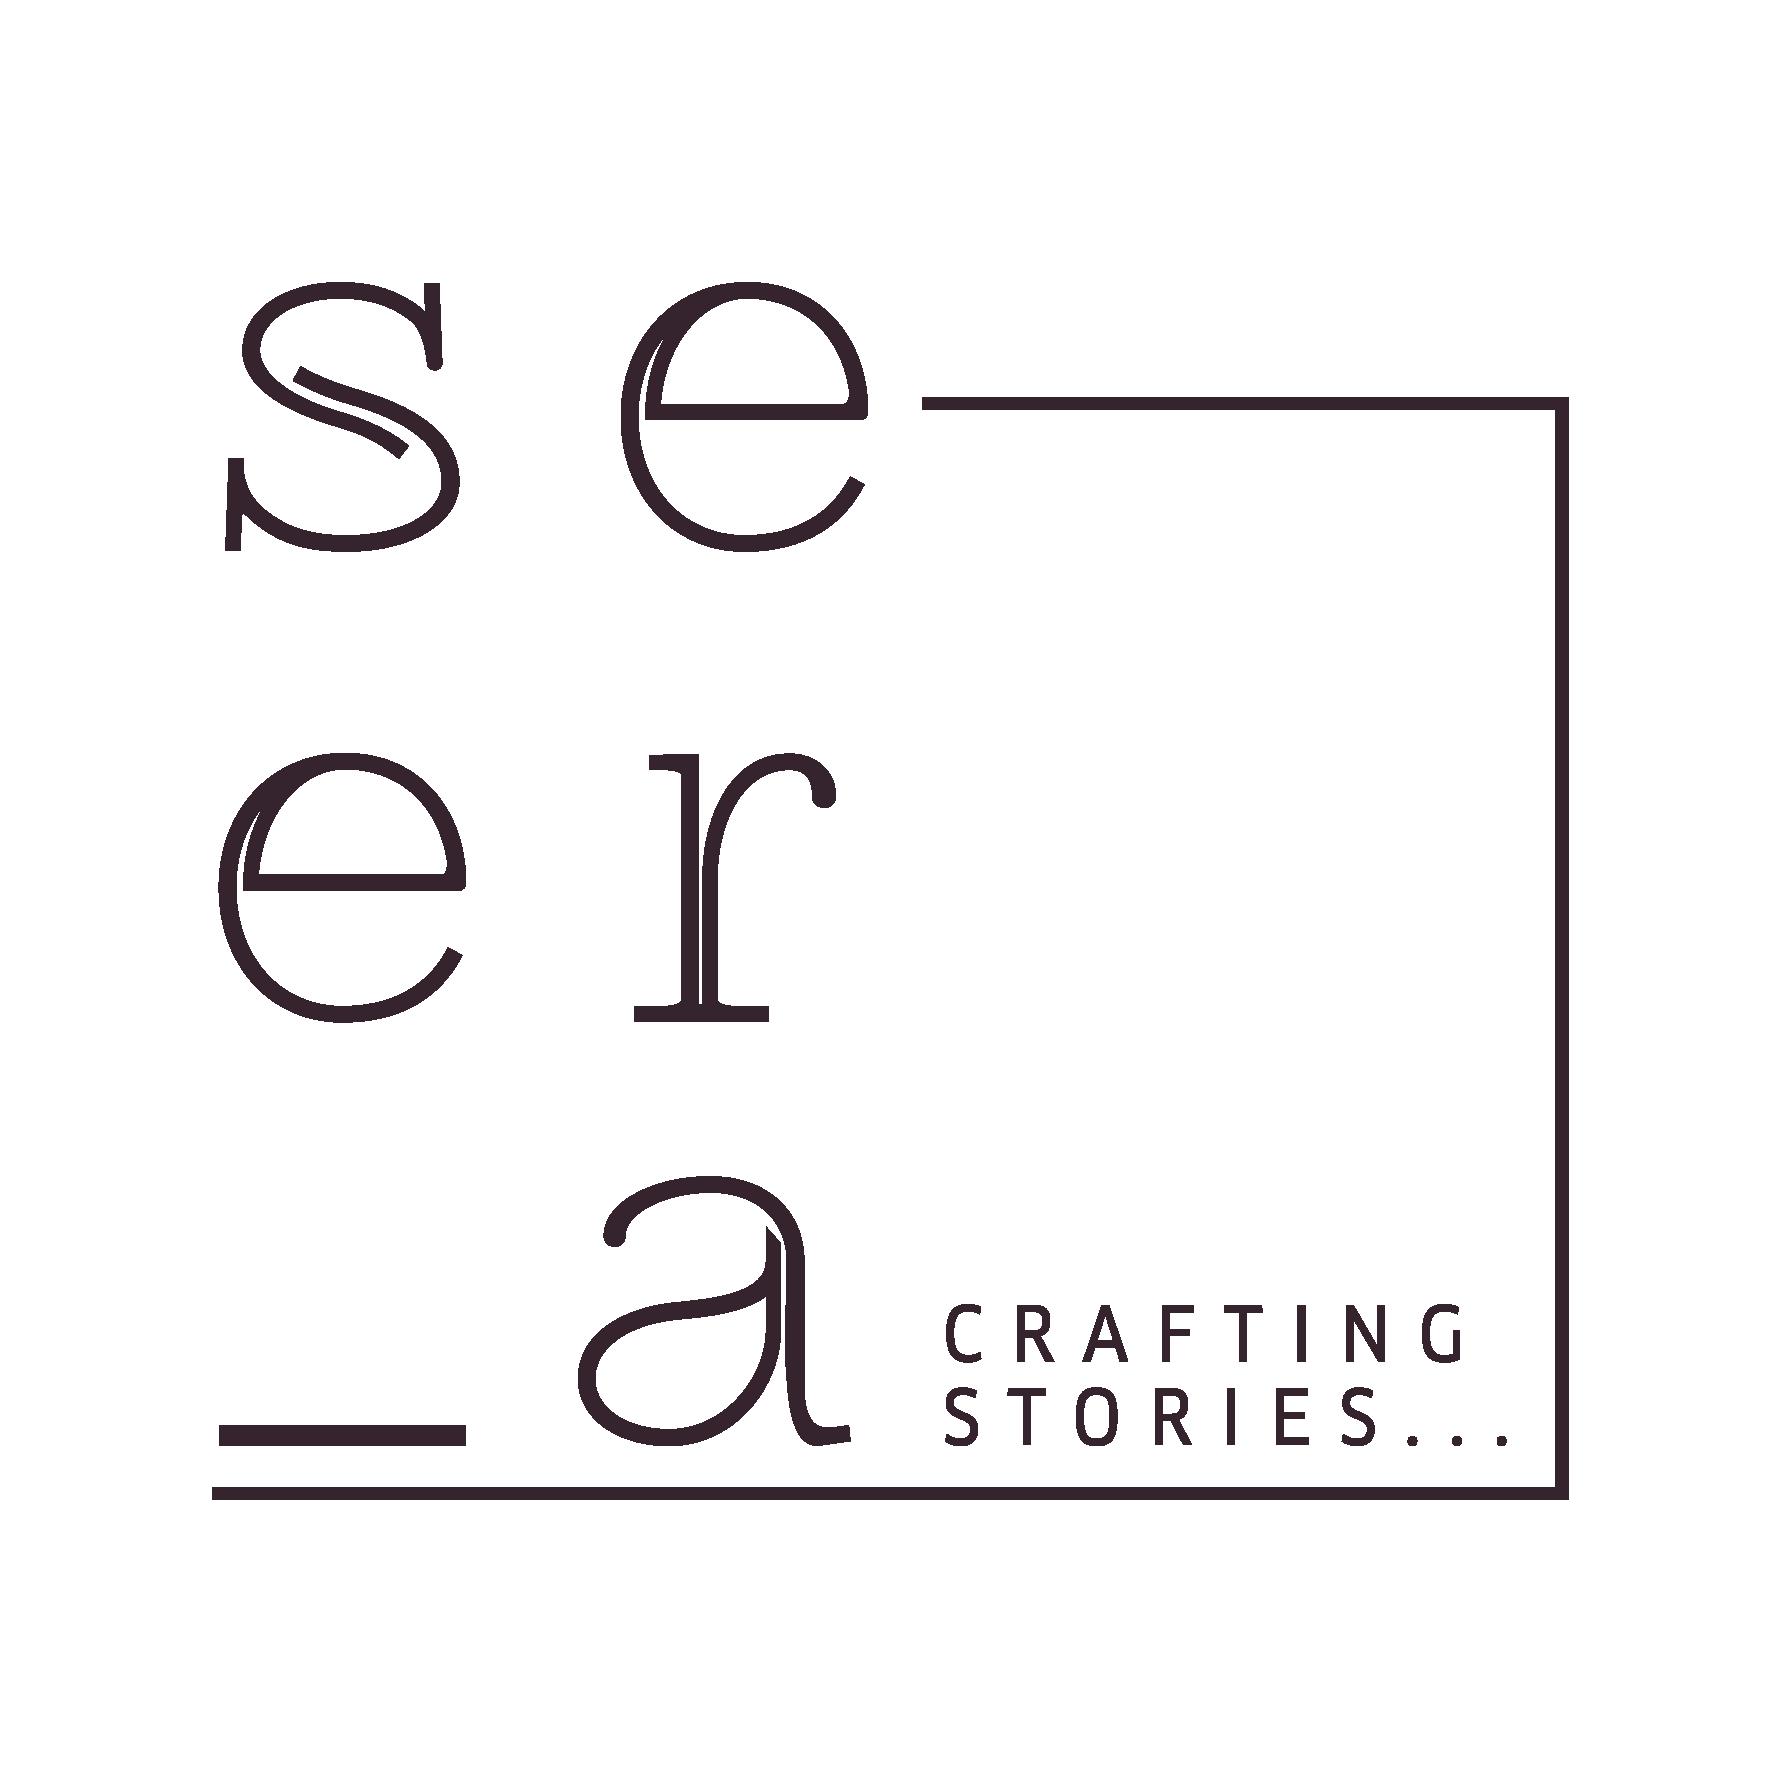 Seera Design